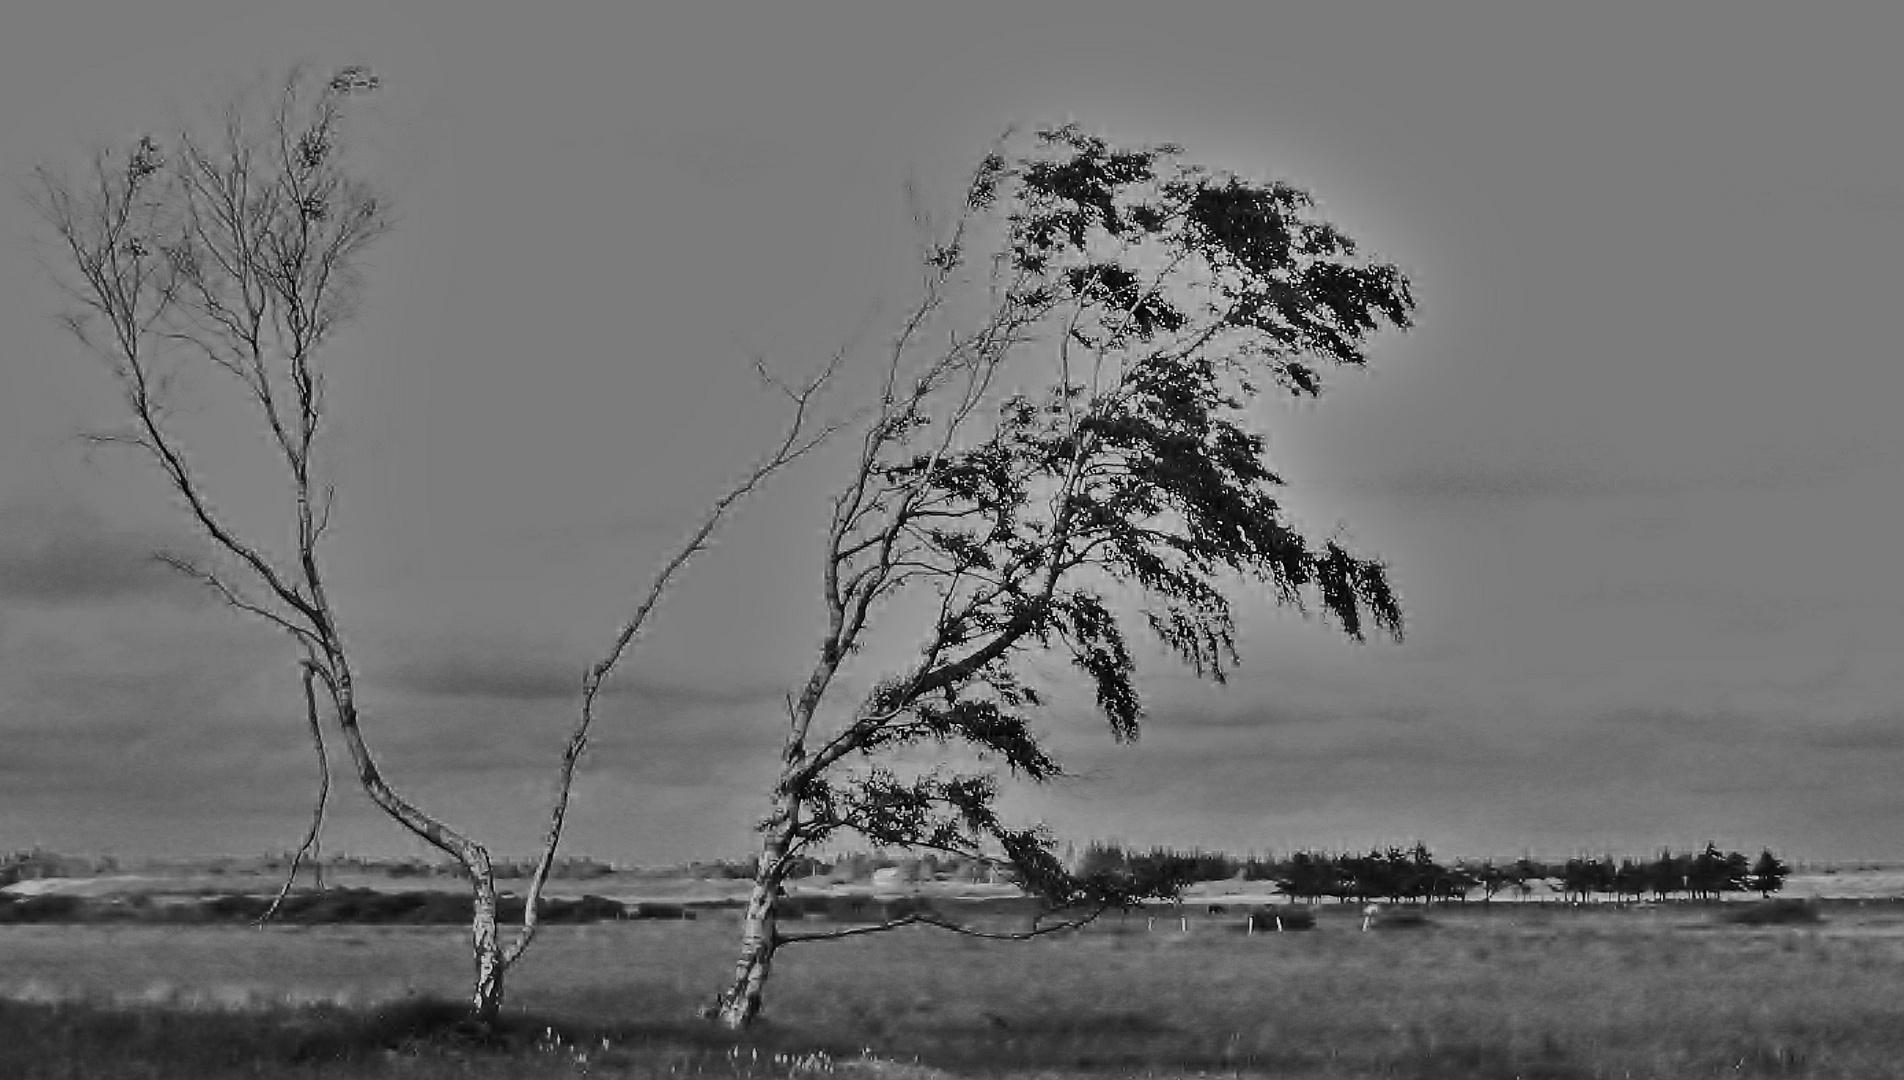 Der Baum; ich oder du?